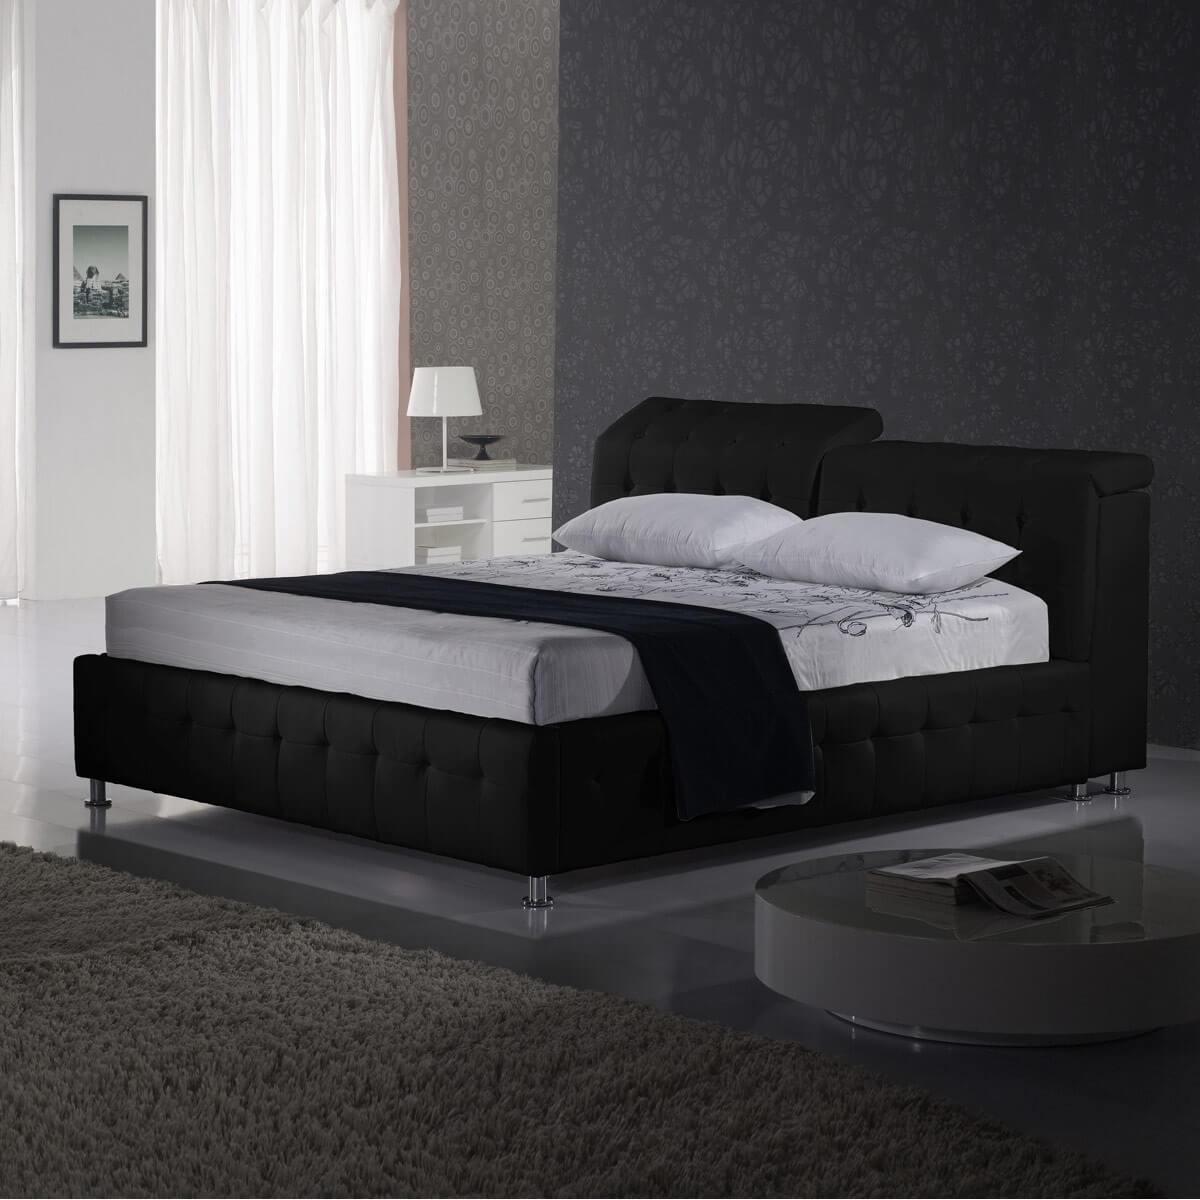 polsterbett test nd 180x200 kunstleder schwarz. Black Bedroom Furniture Sets. Home Design Ideas